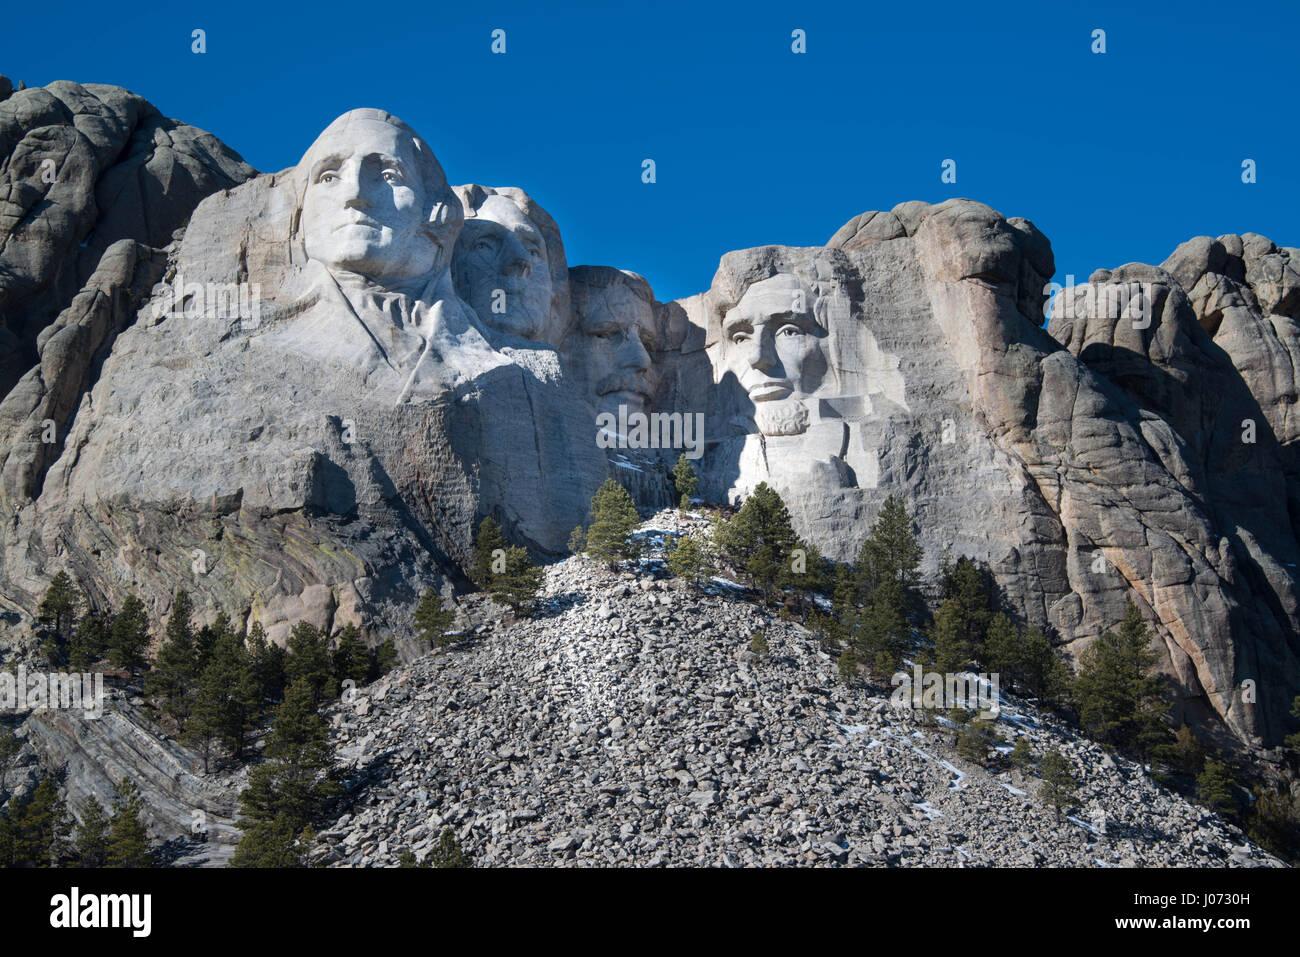 Monte Rushmore Monumento es un popular destino turístico en las Colinas Negras de Dakota del Sur Imagen De Stock